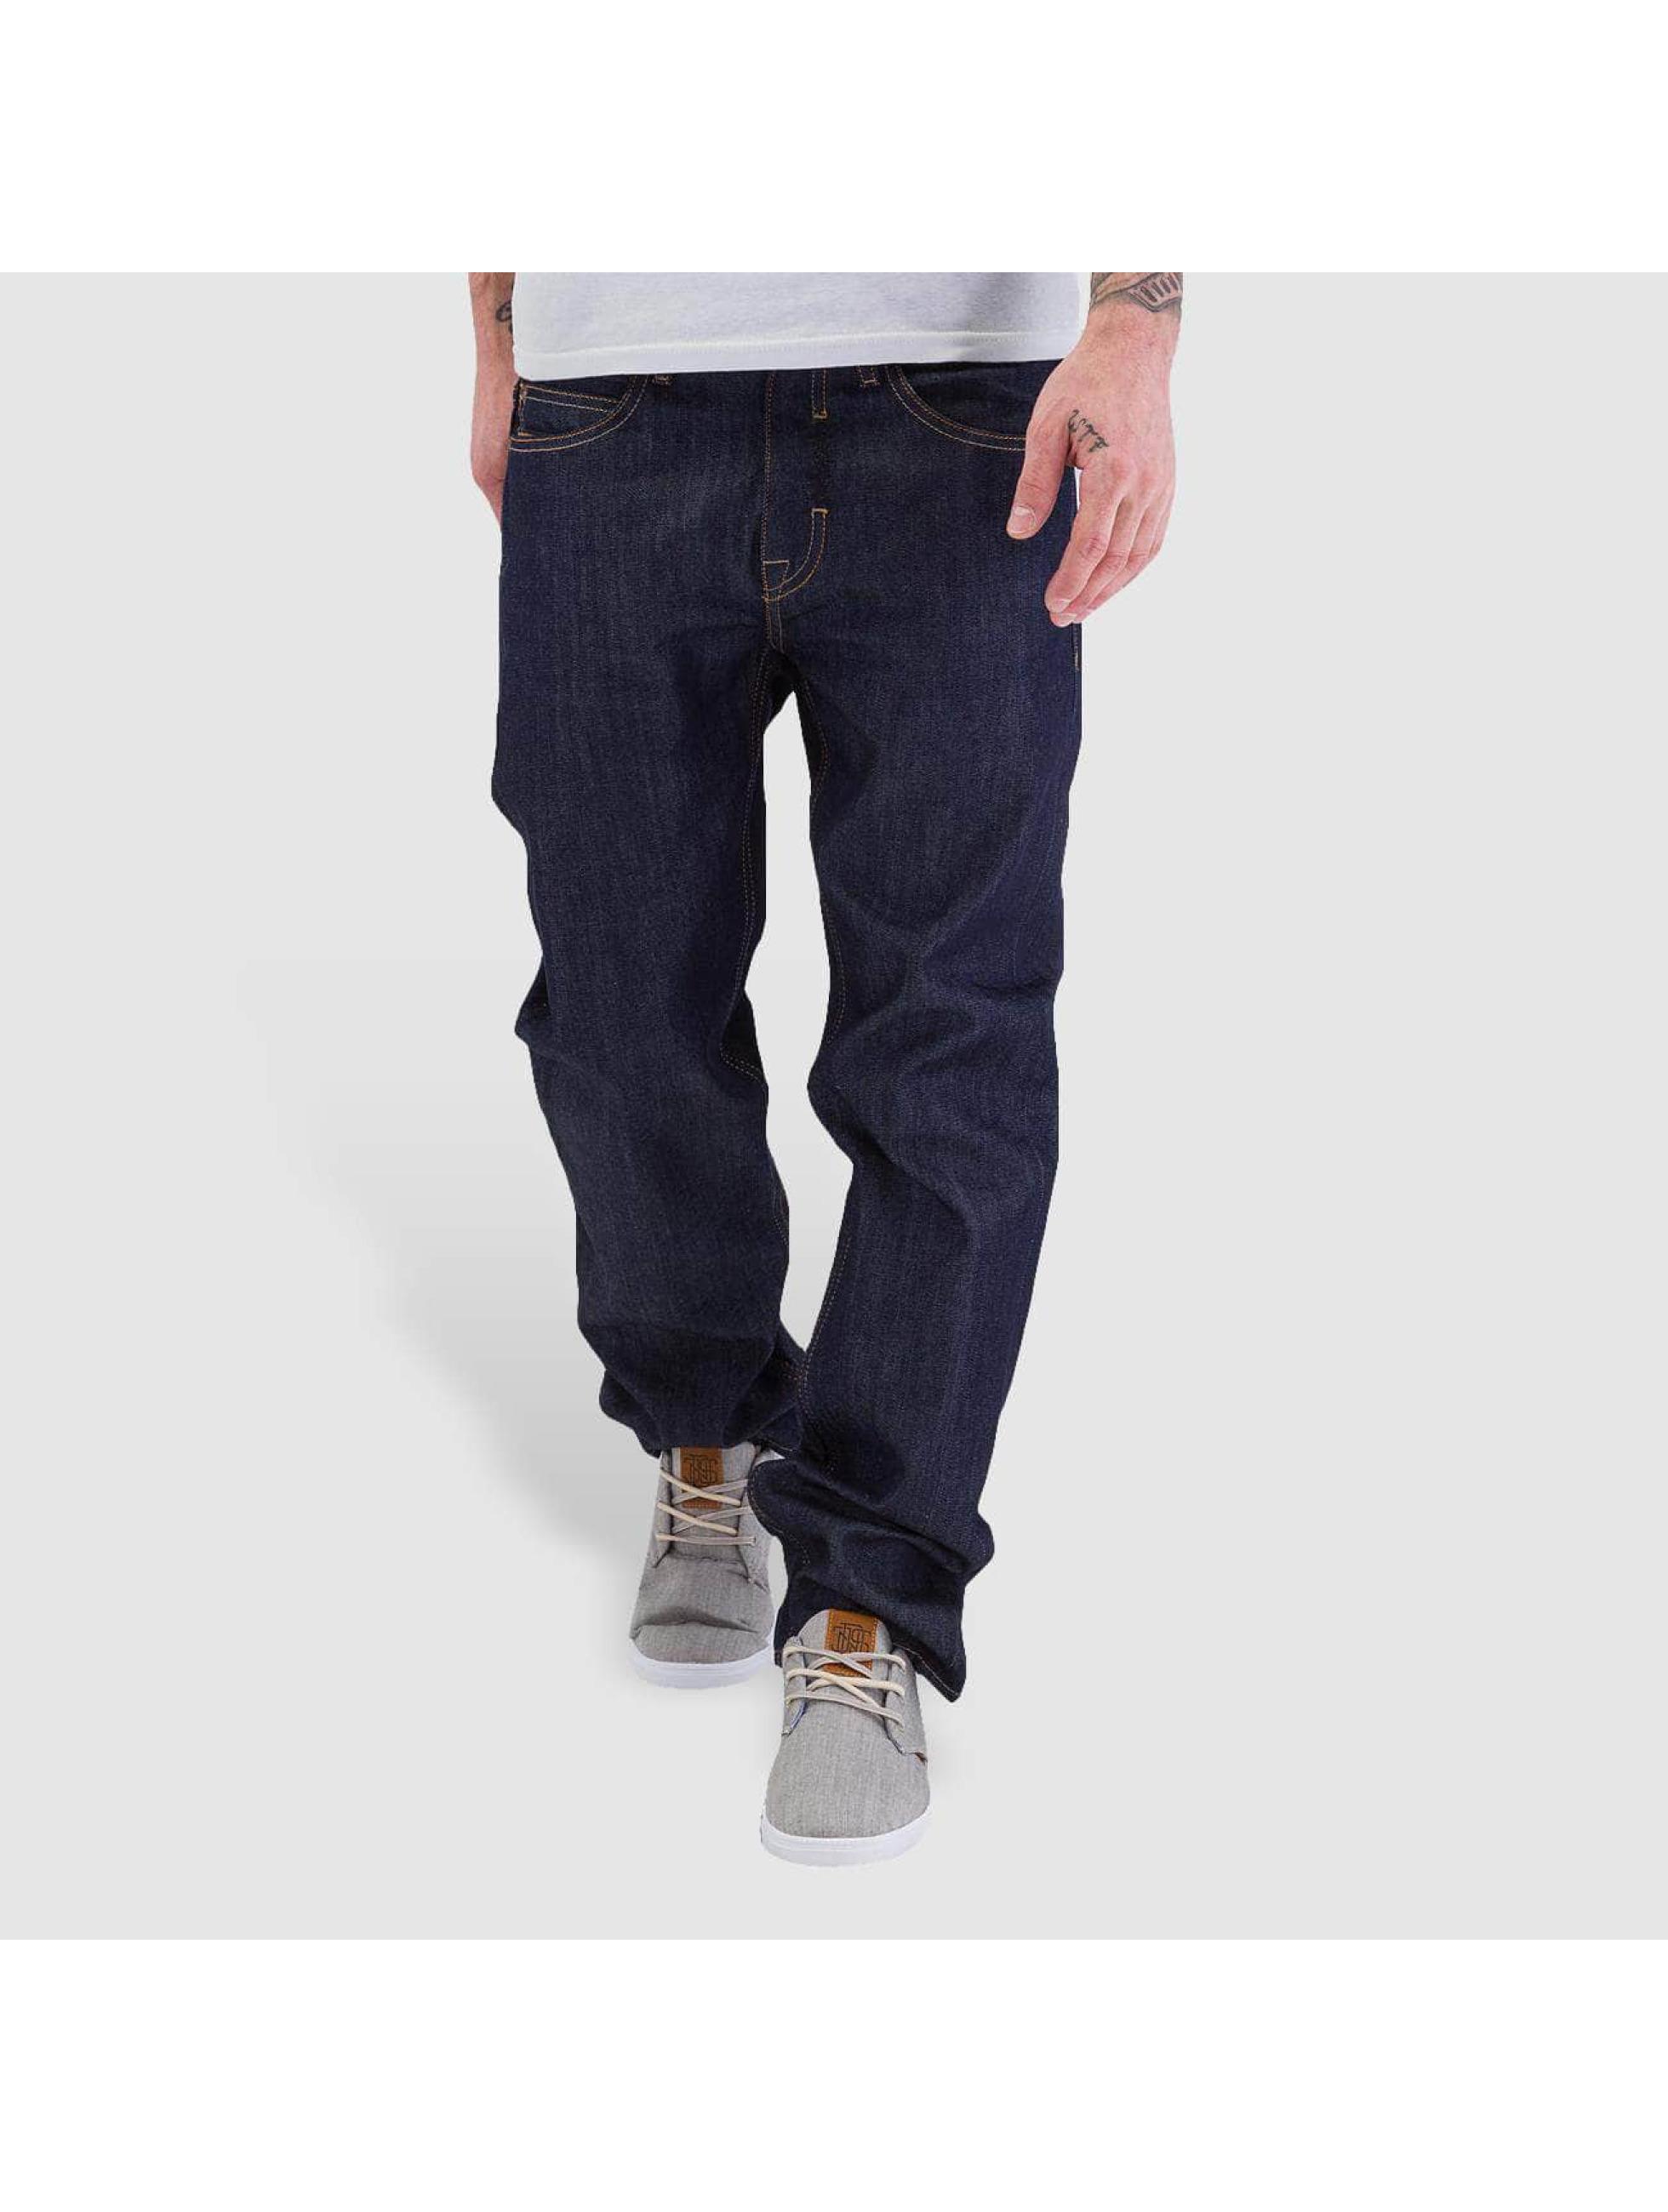 pelle pelle herren jeans loose fit jeans baxter denim ebay. Black Bedroom Furniture Sets. Home Design Ideas